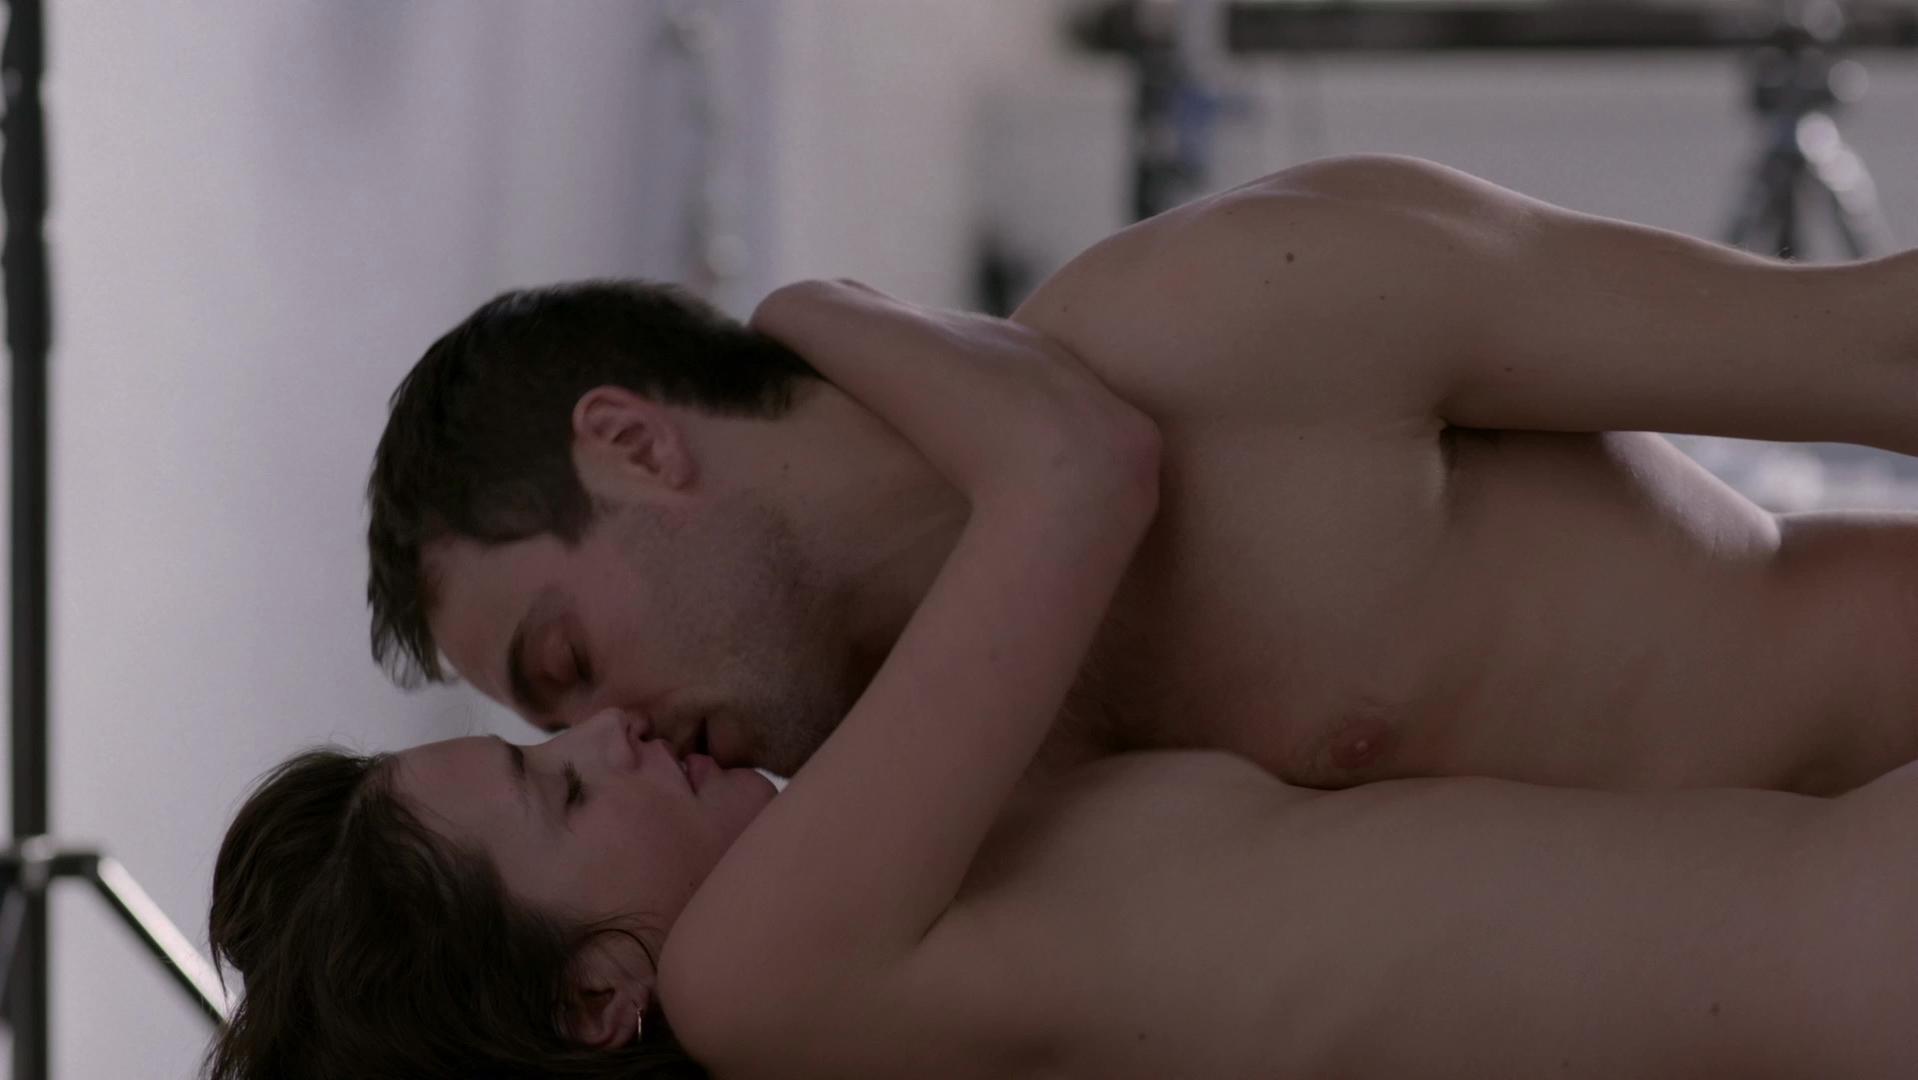 Porn pics sex scene